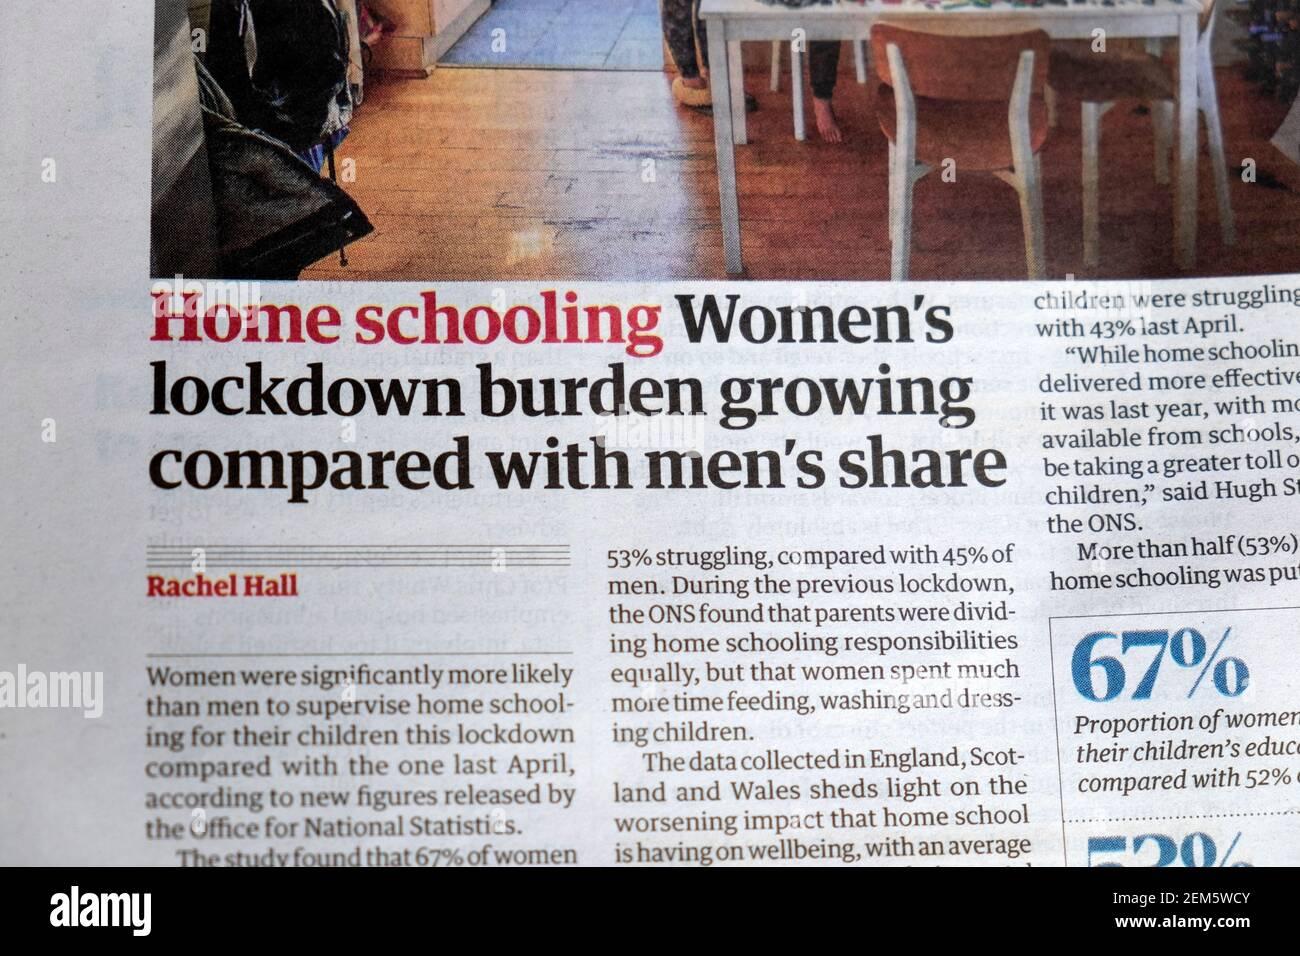 'Home schooling carico di blocco delle donne che cresce rispetto alla quota degli uomini' Giornale Guardian titolo articolo Covid all'interno della pagina 20 Febbraio 2021 REGNO UNITO Foto Stock